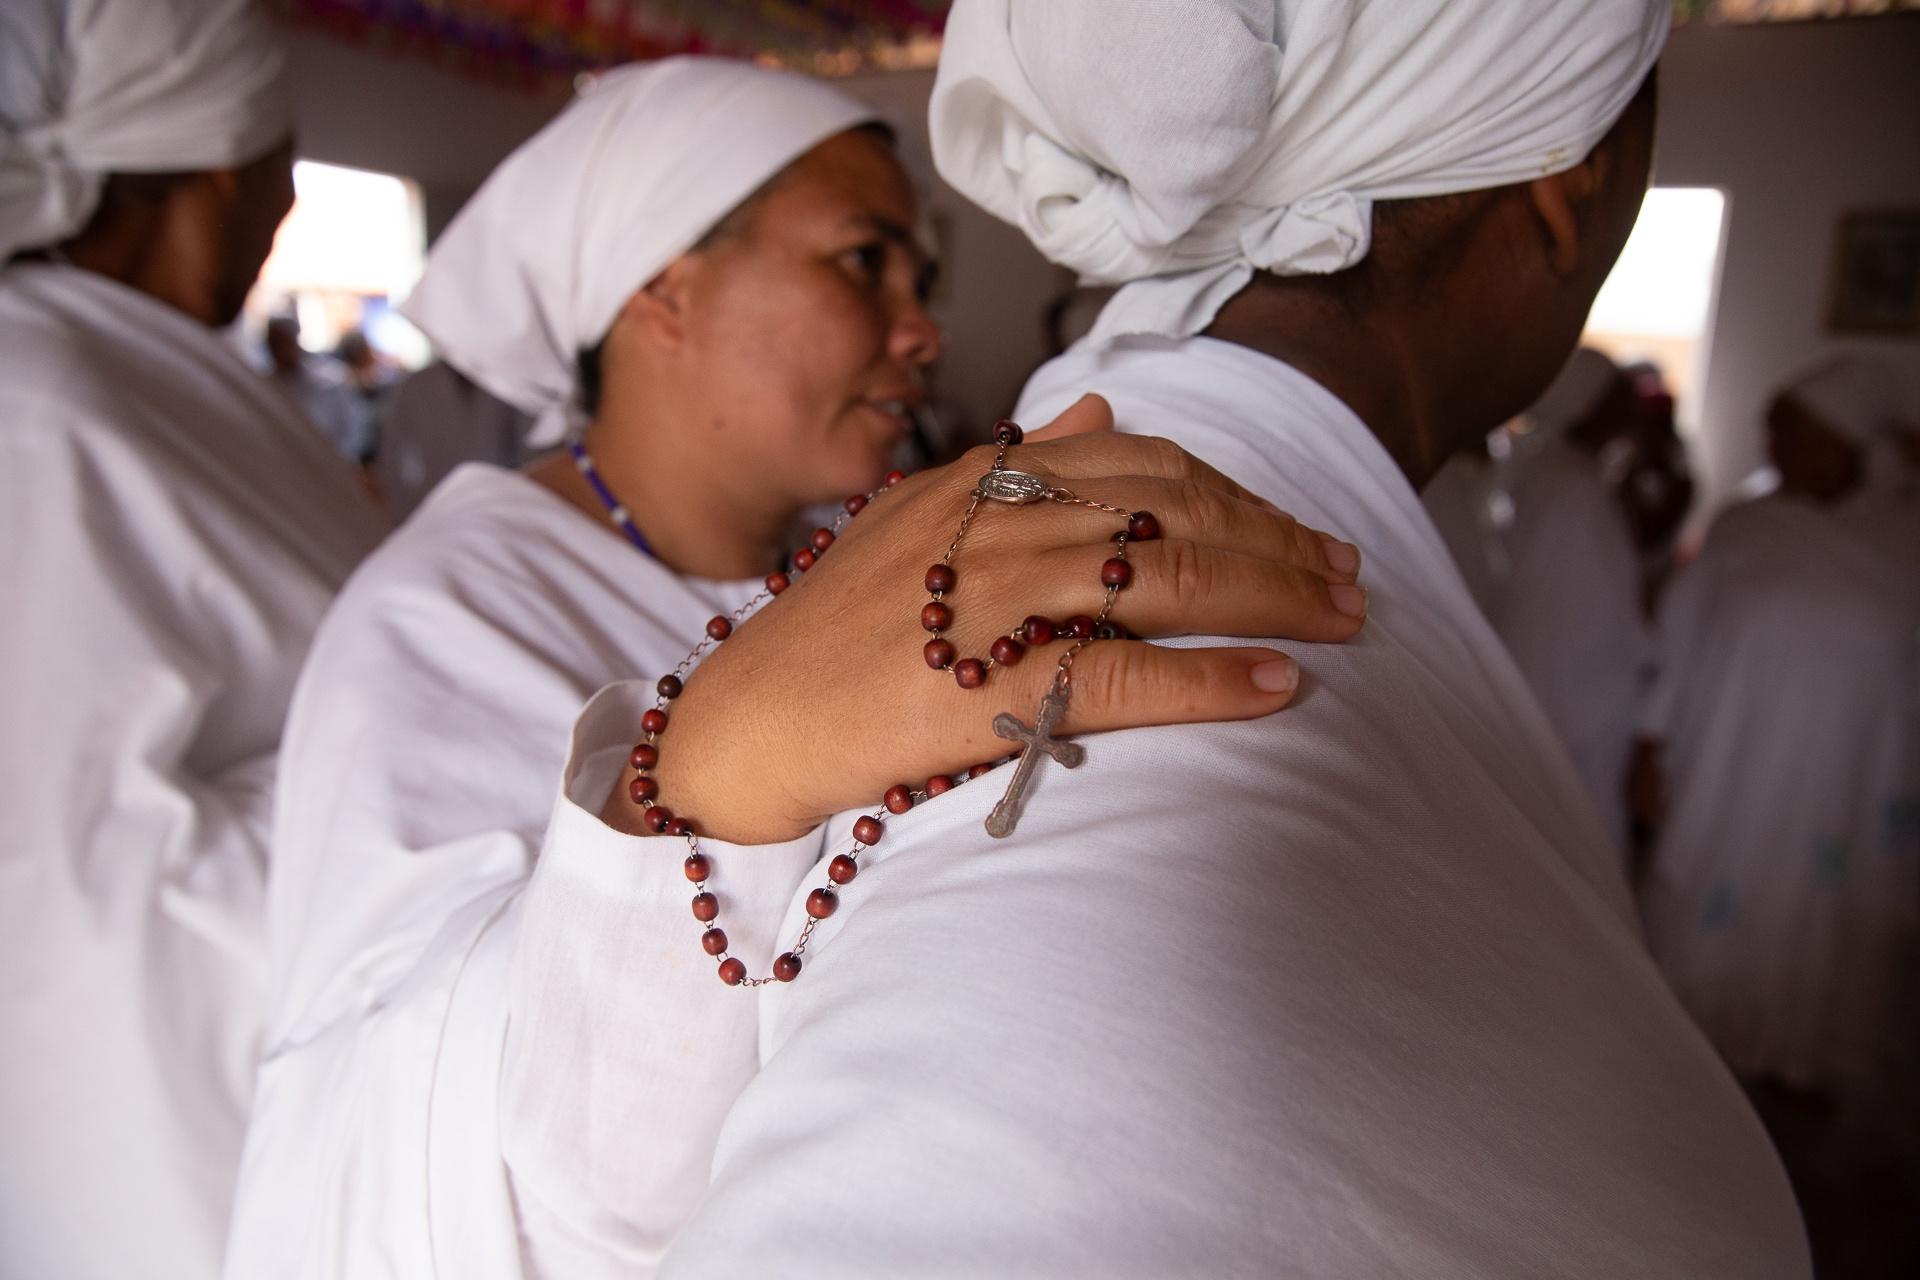 As mulheres que dançam para São Gonçalo não podem usar batom, nem brincos. Também não pode estar brigada com nenhum componente do grup. Foto: Sara Nacif